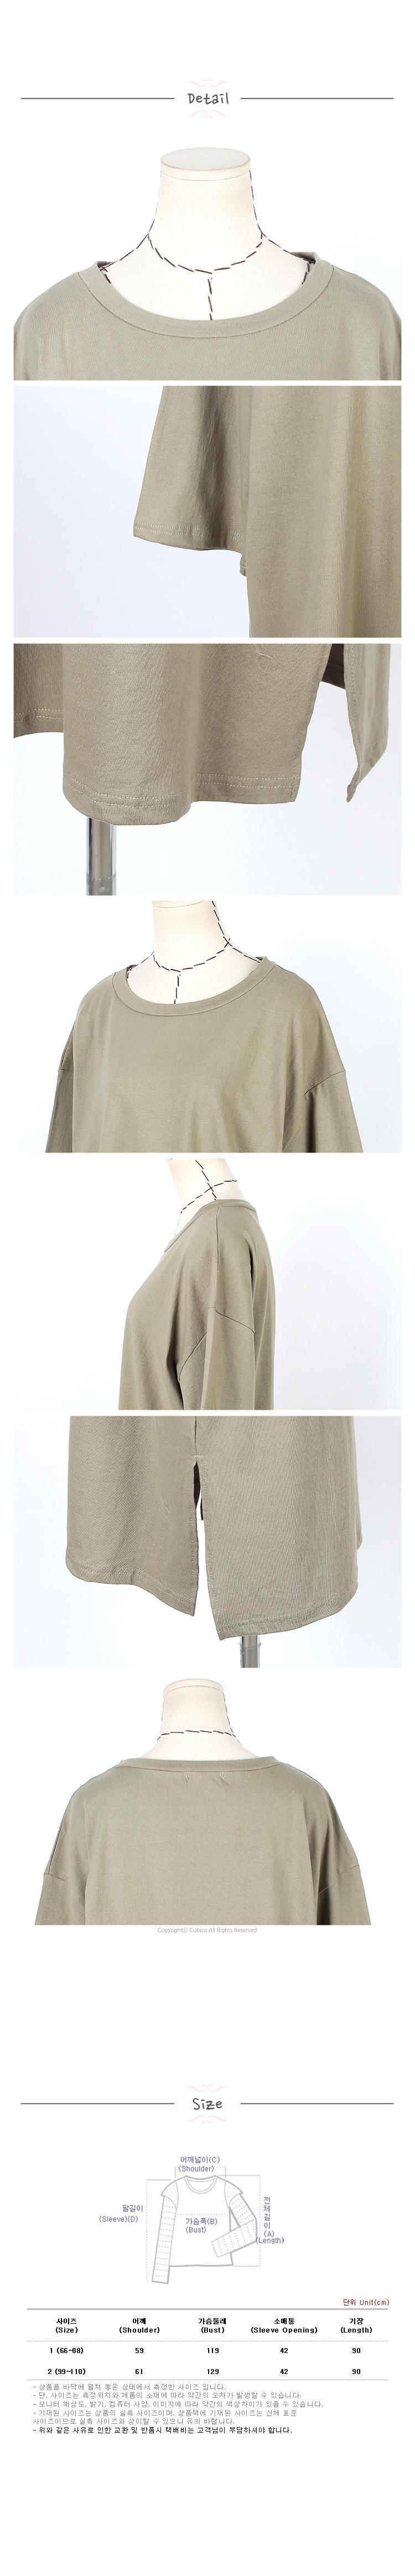 빅사이즈 옆트임 박스 롱티셔츠 T-NB144 - 네오쿠비카, 16,830원, 상의, 긴팔티셔츠